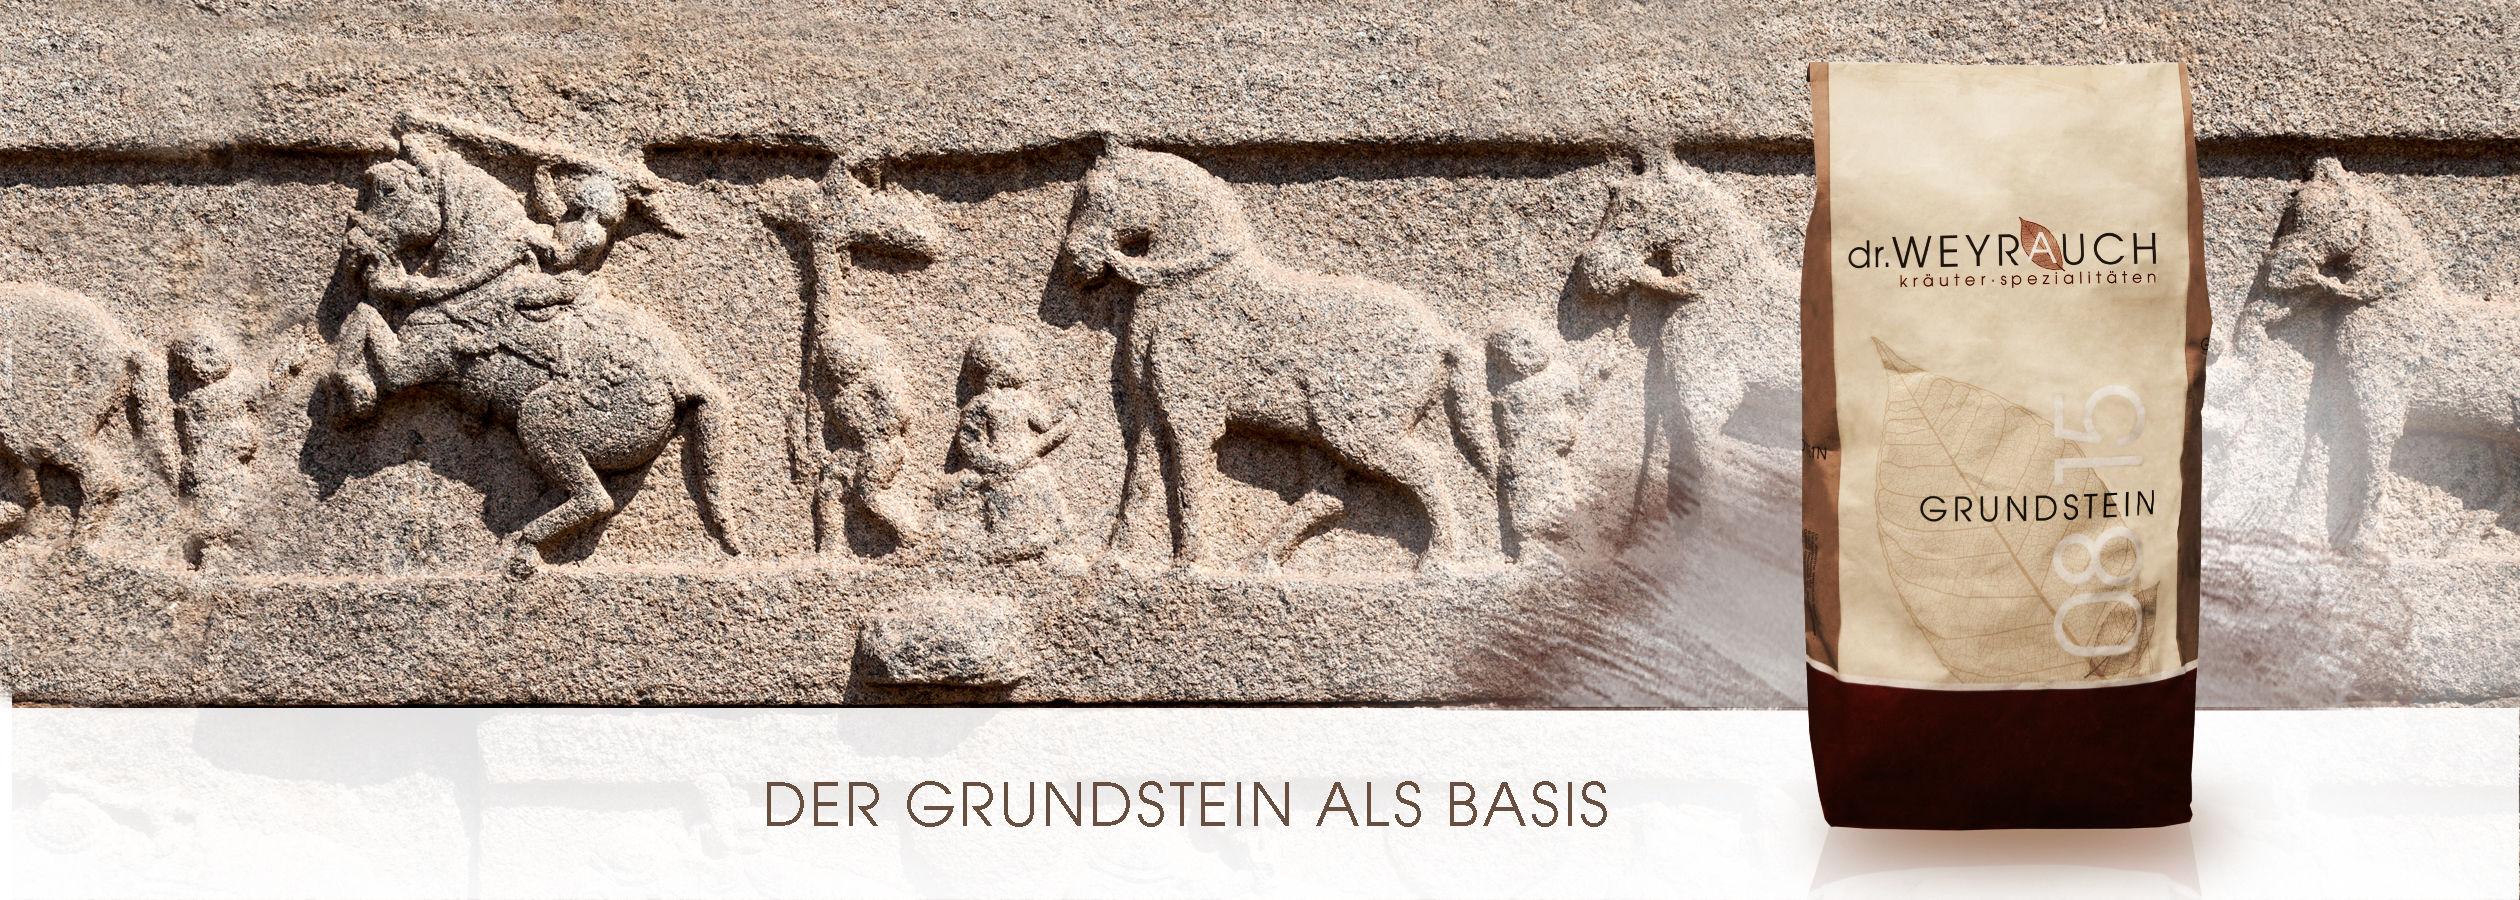 HEADER-2017-Grundstein-Pferd